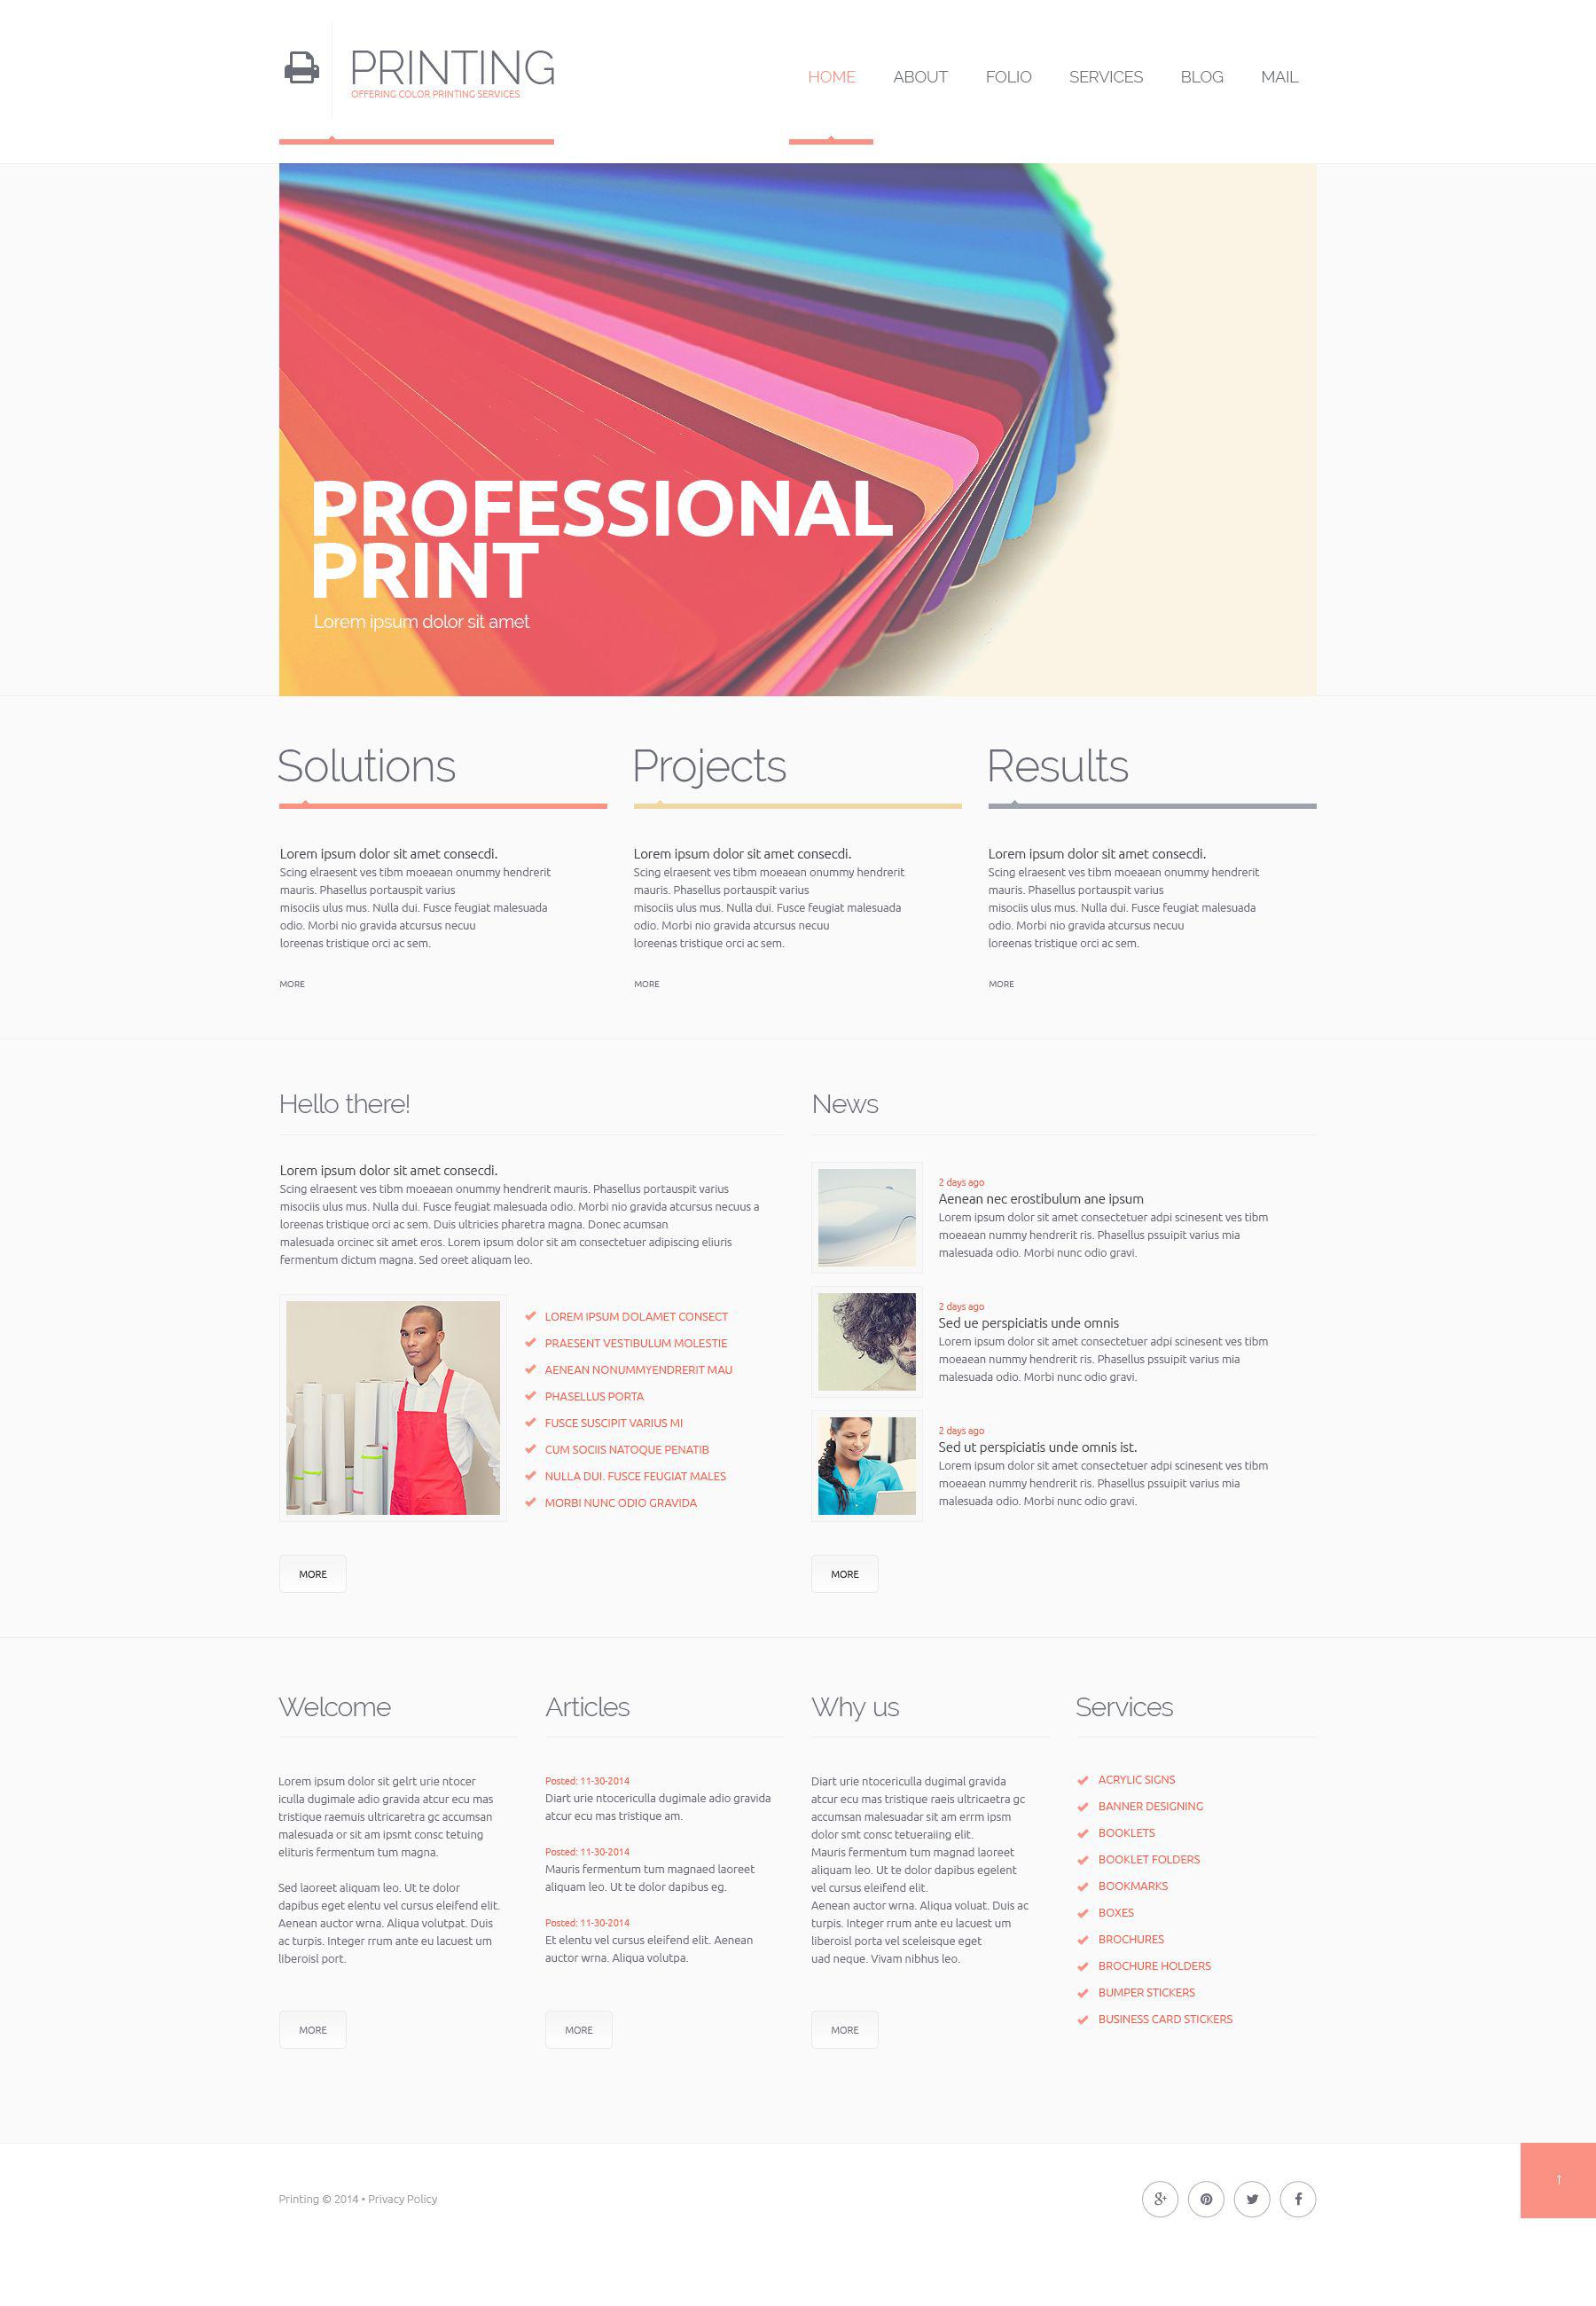 Plantilla Web Responsive para Sitio de Tienda de Impresión #51368